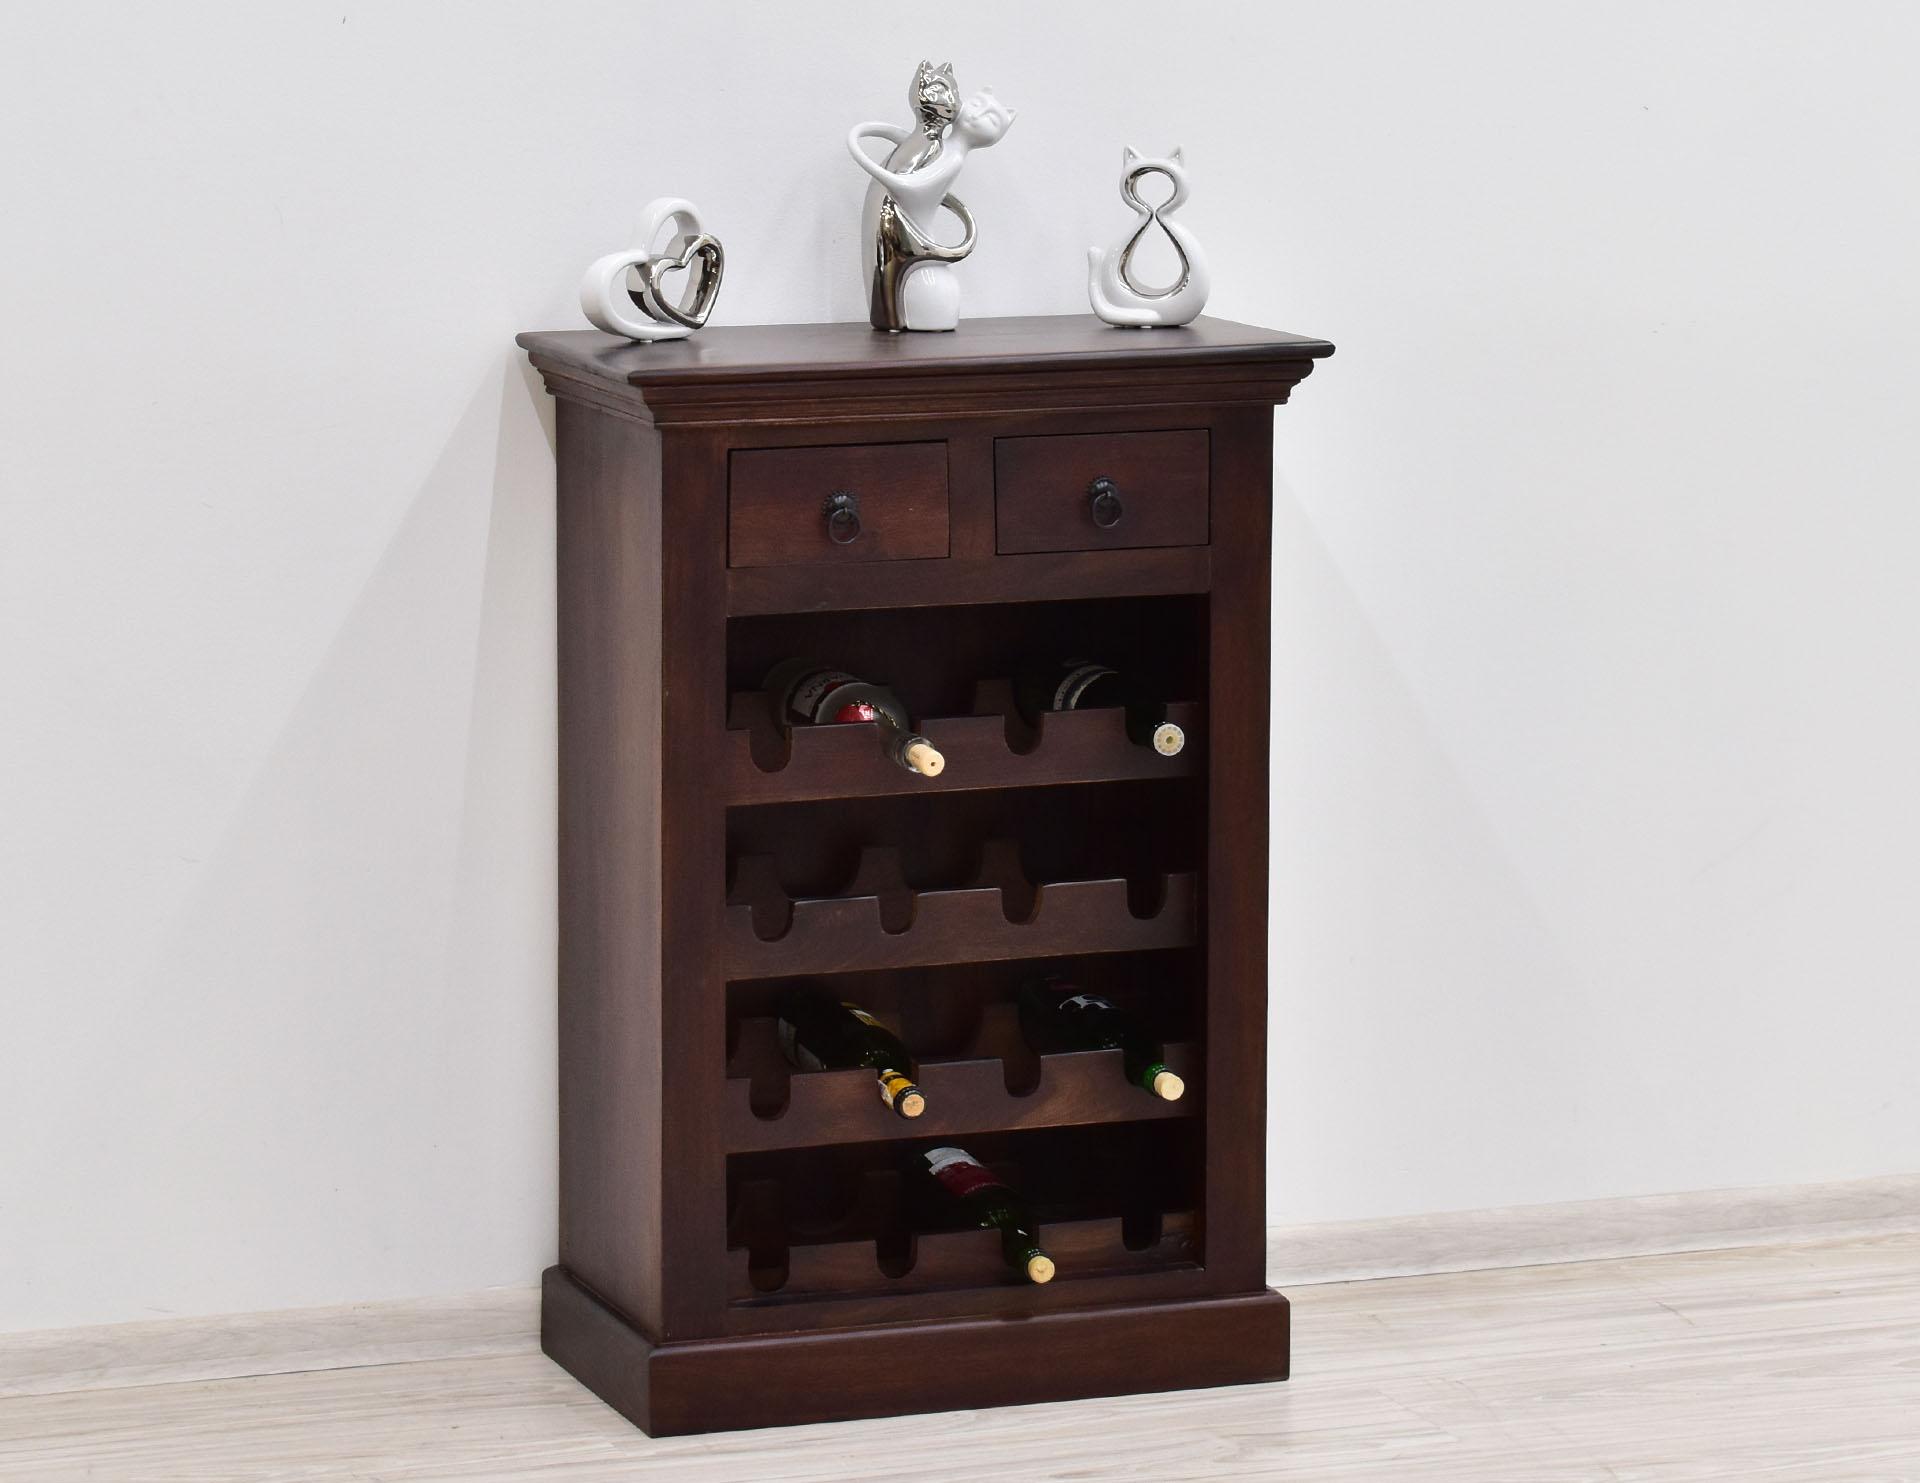 komoda-na-wino-kolonialna-lite-drewno-palisander-indyjski-2-szuflady